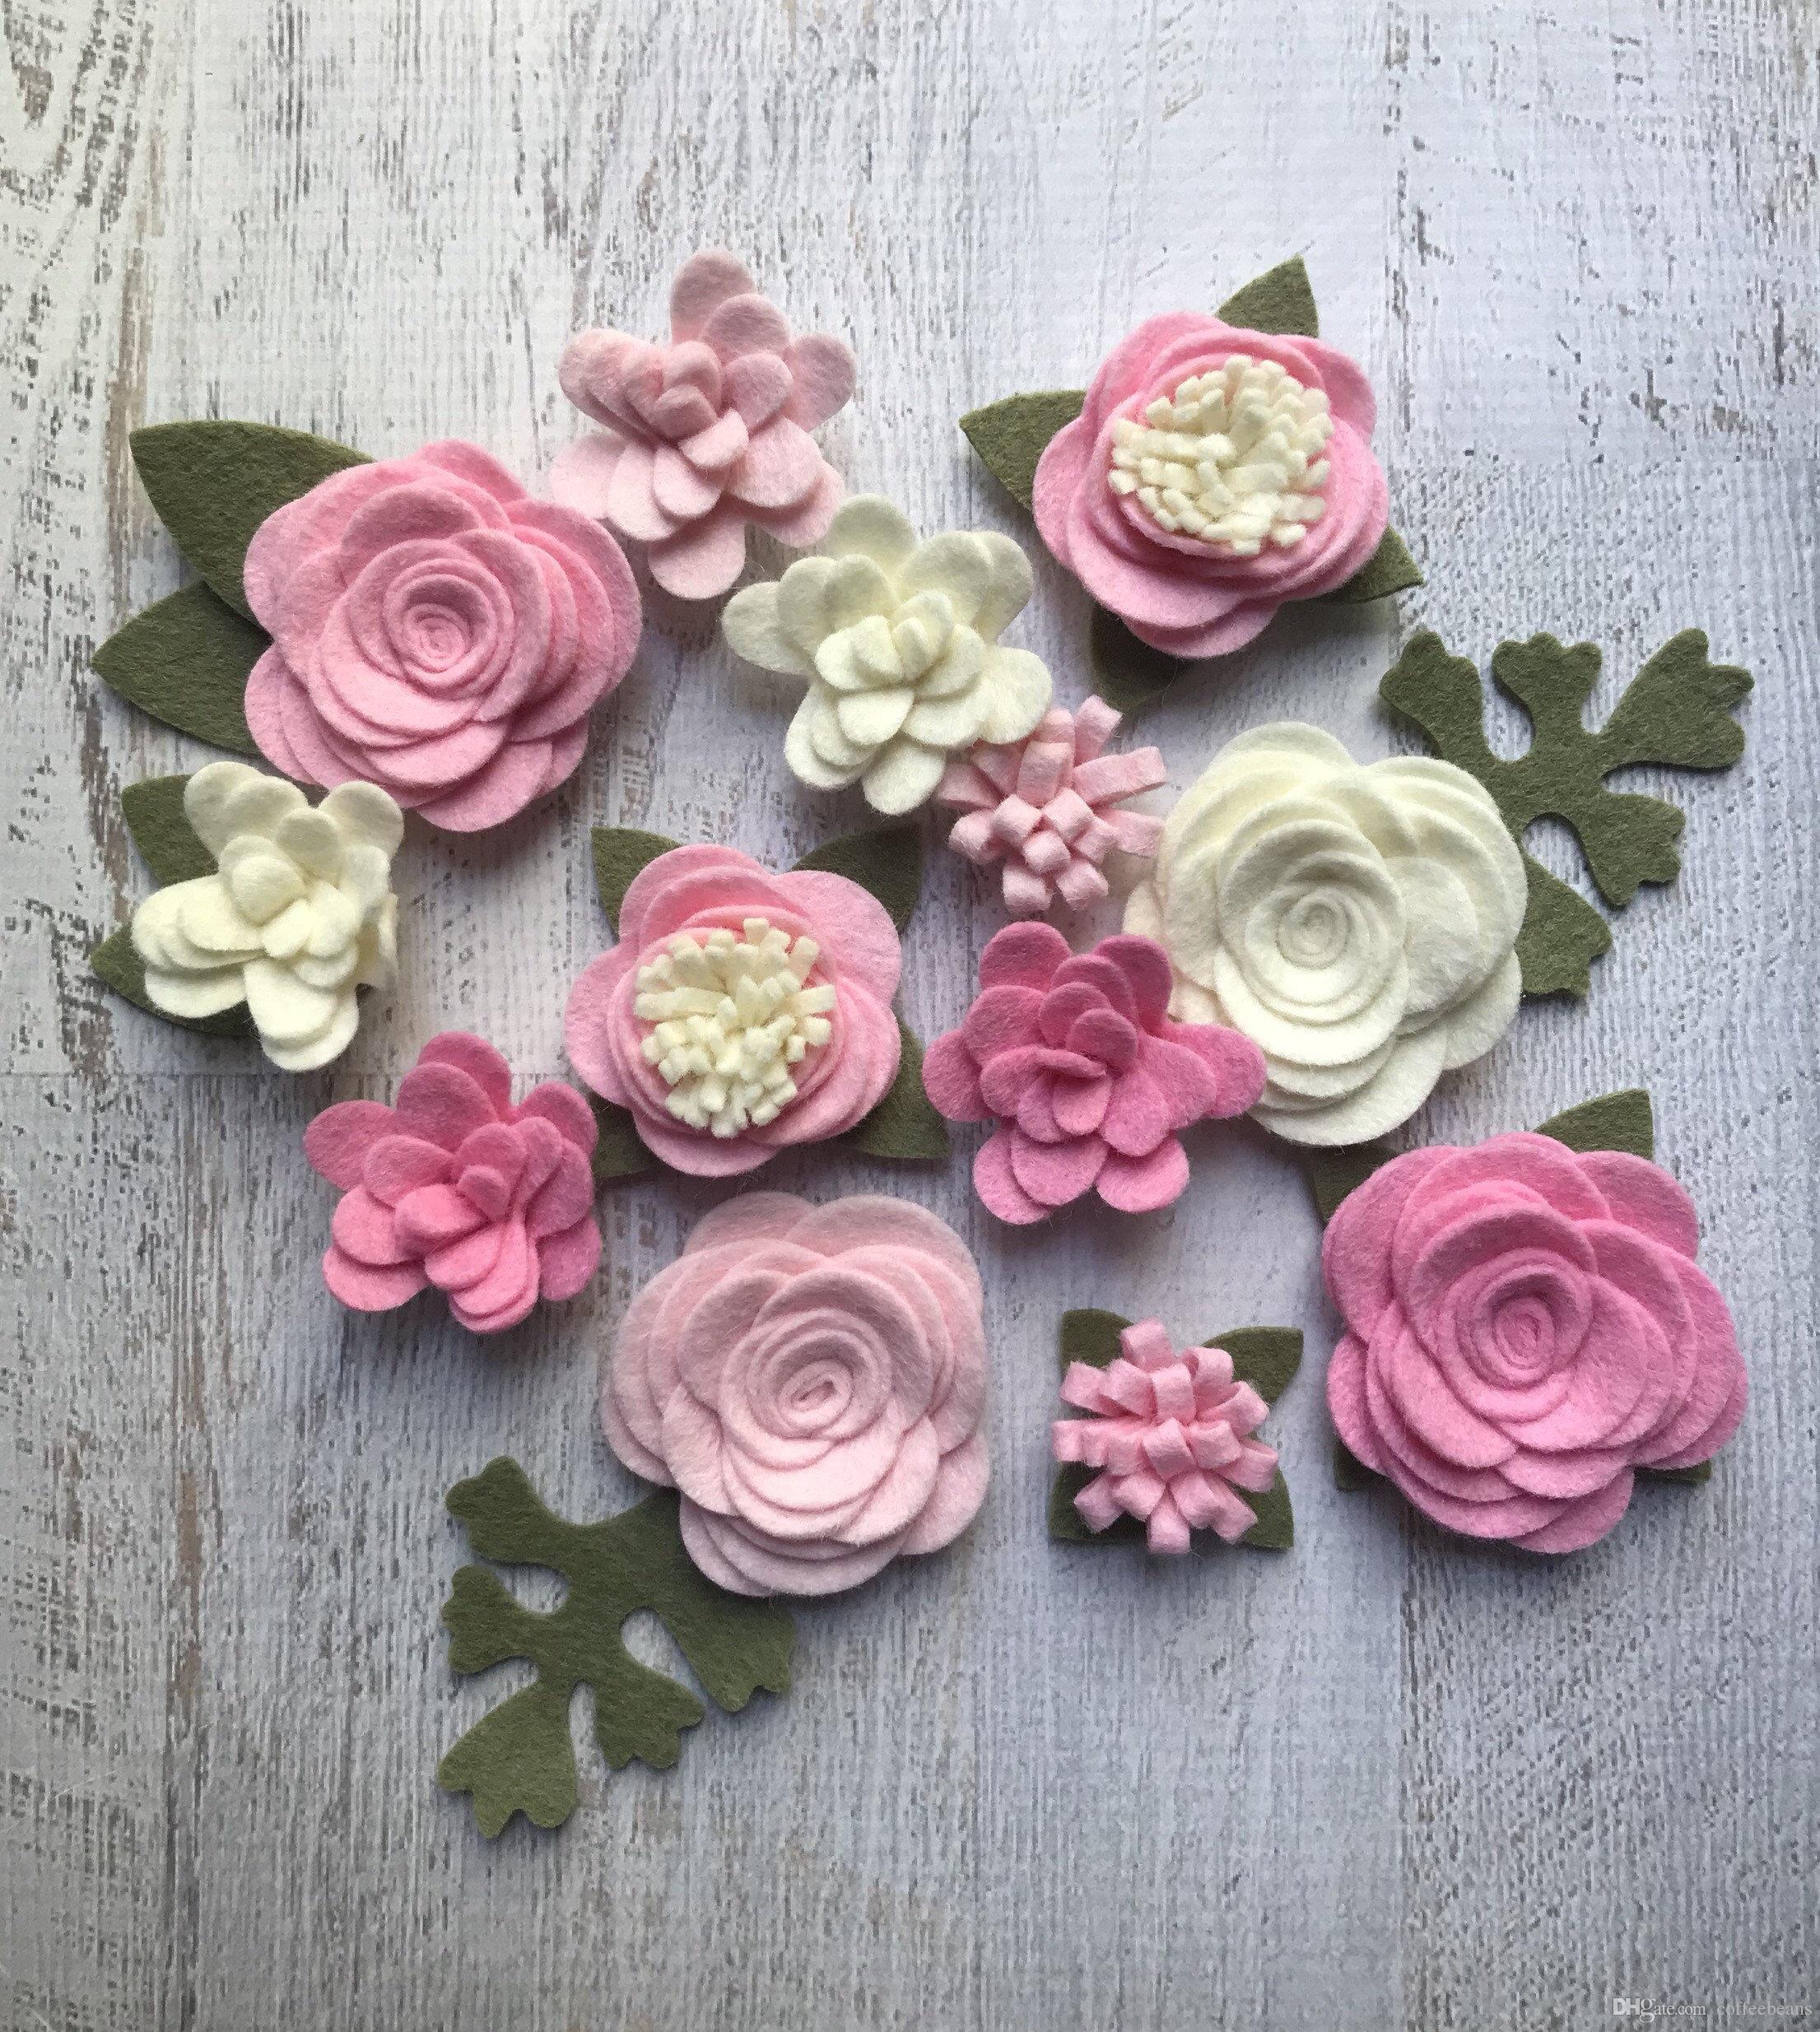 Compre Tela De Fieltro De Lana Simplemente Rosa Colletion Fieltro Flores  Grandes Posies 13 Flores 18 Hojas Crear Cintas Para La Cabeza Diy Coronas  De Pelo ... ddf659c6c853